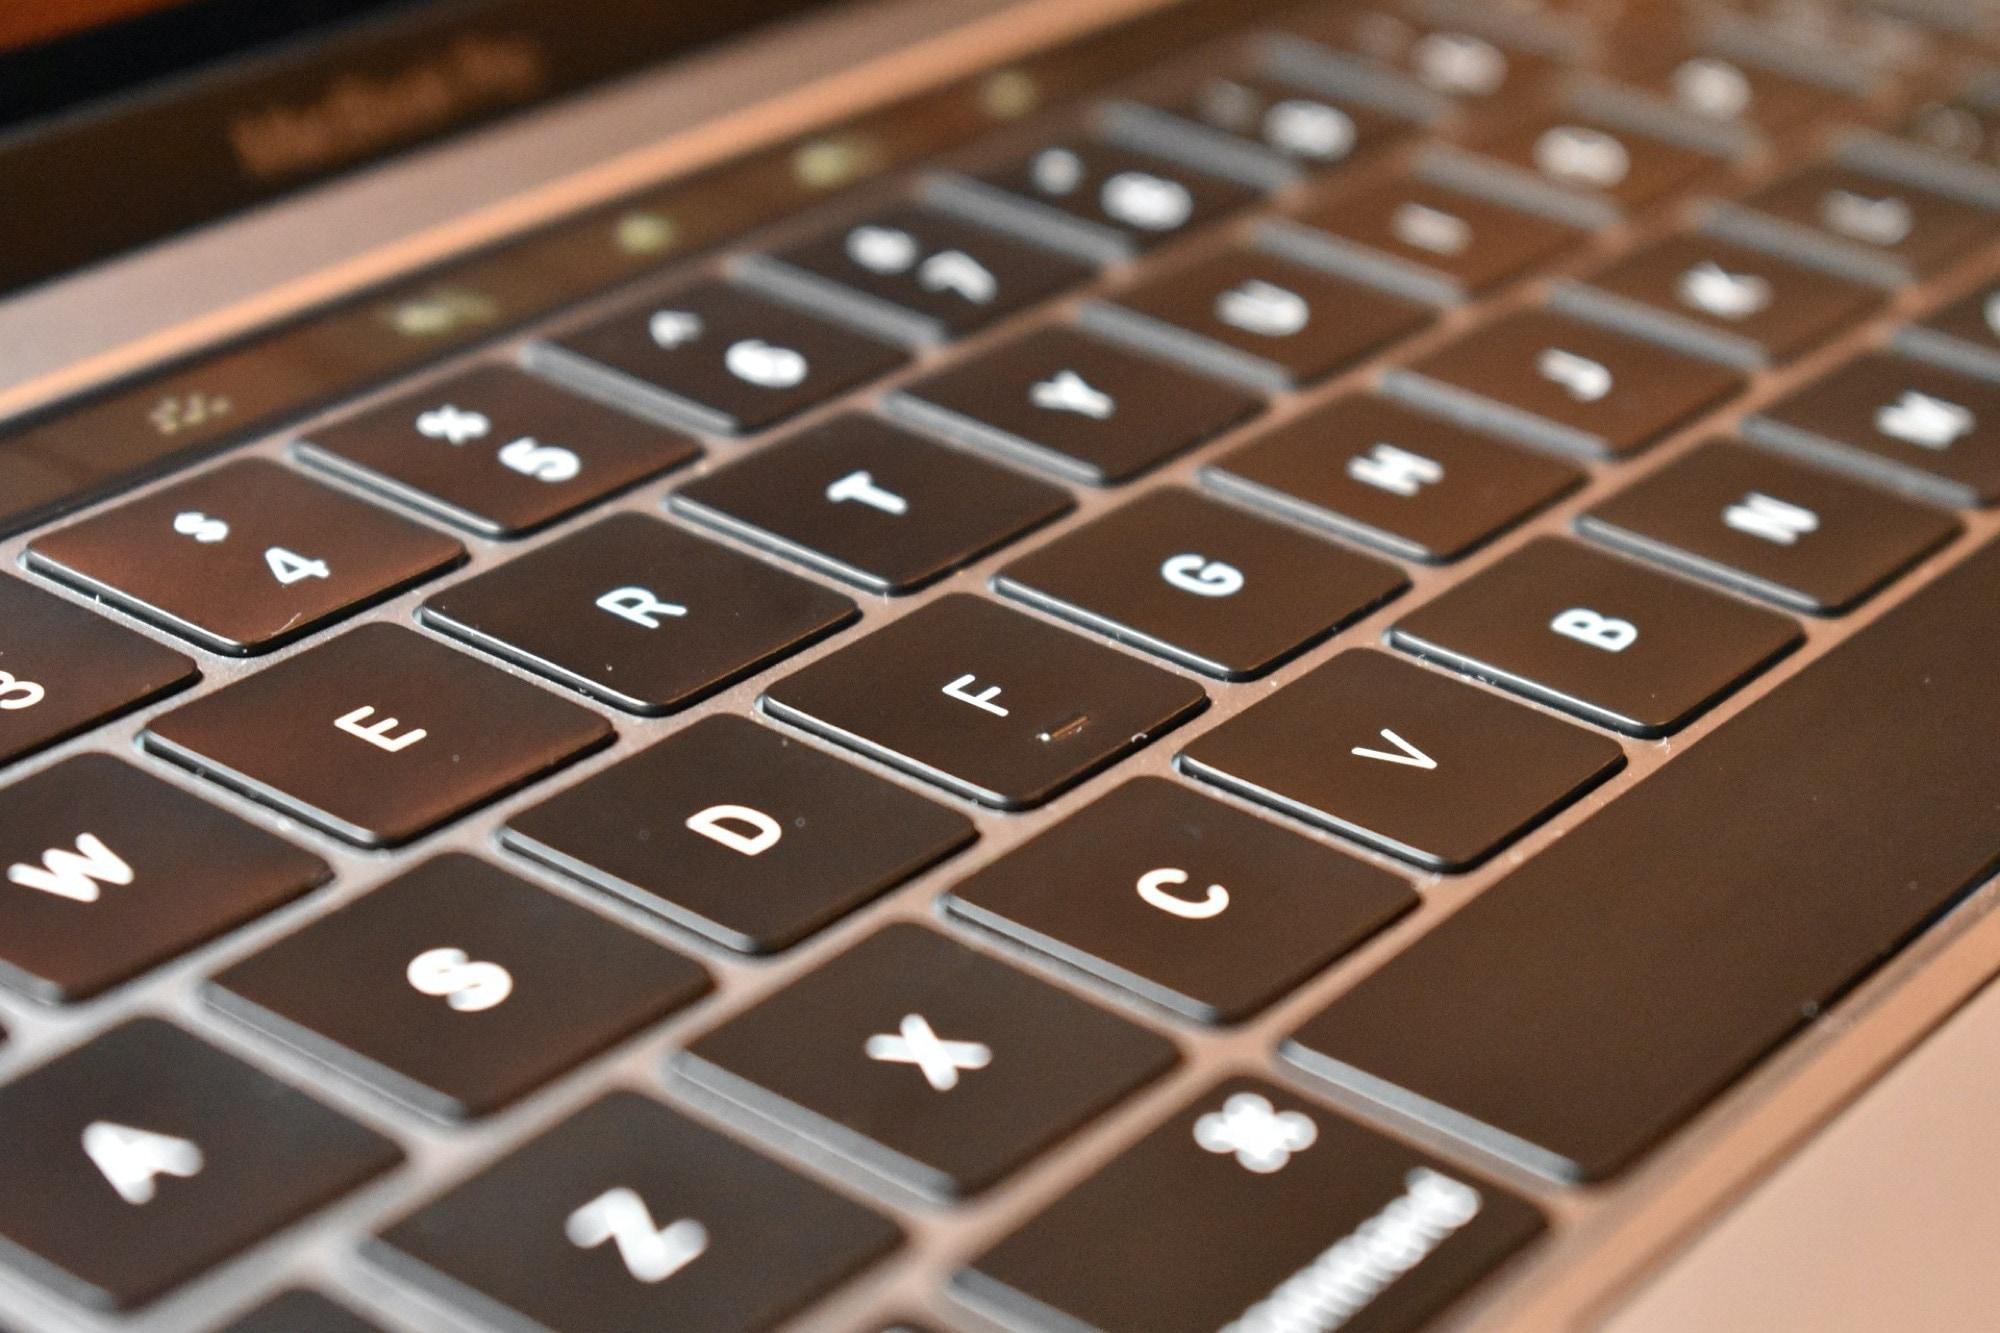 MacBook keyboard-PowerPoint keyboard shortcuts